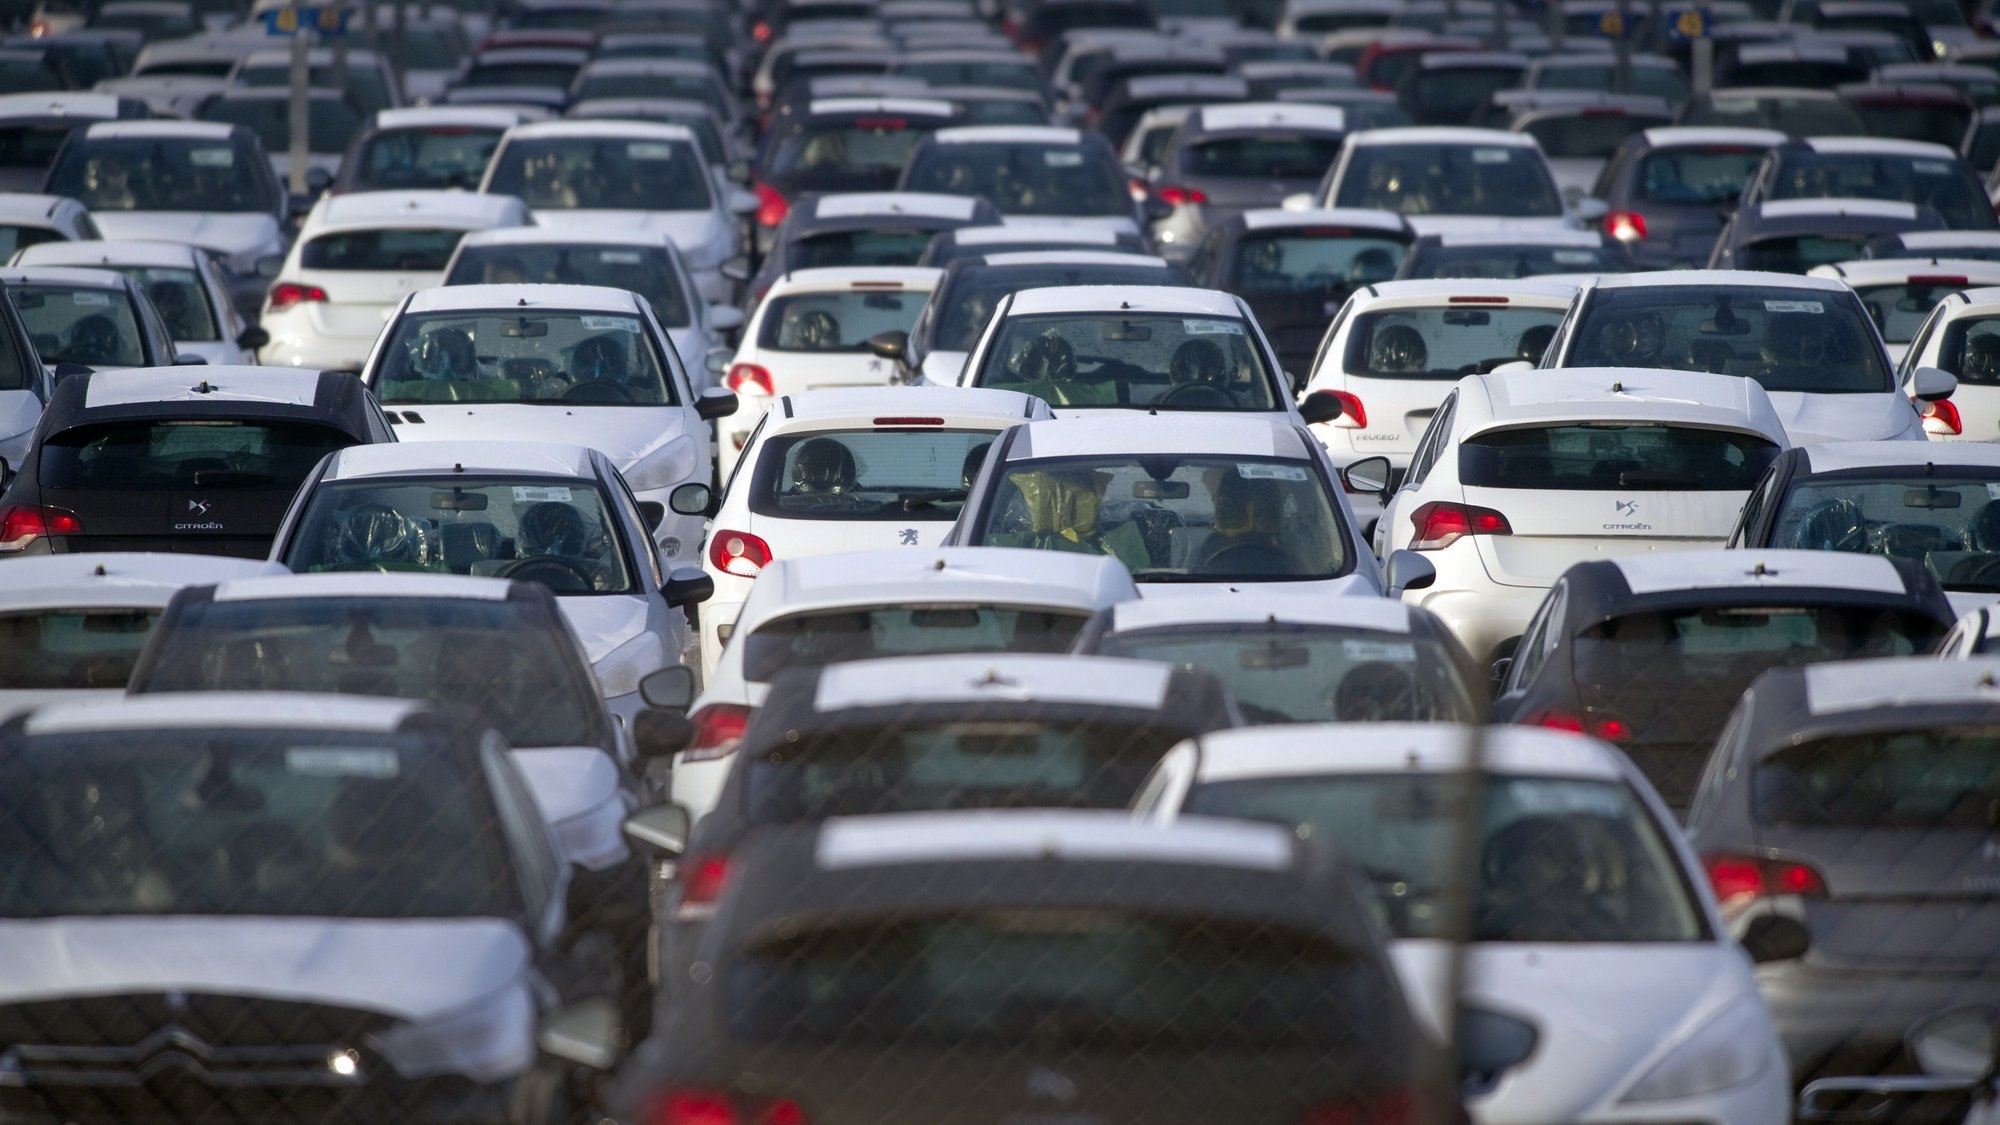 La Chambre syndicale des concessionnaires et constructeurs automobiles s'excuse auprès des consommateurs